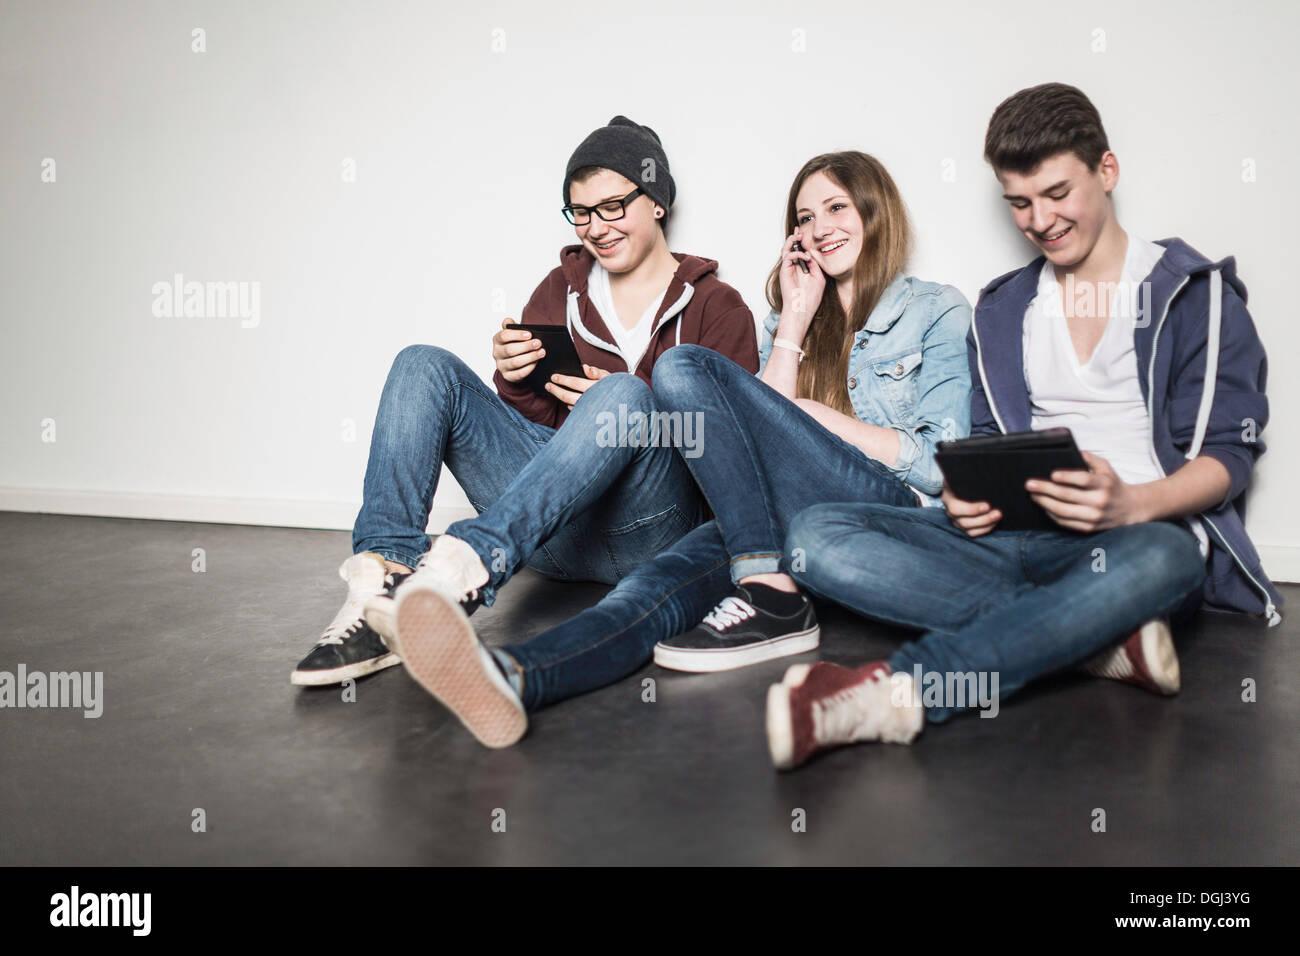 Tre adolescenti seduti sul pavimento usando la tecnologia Immagini Stock